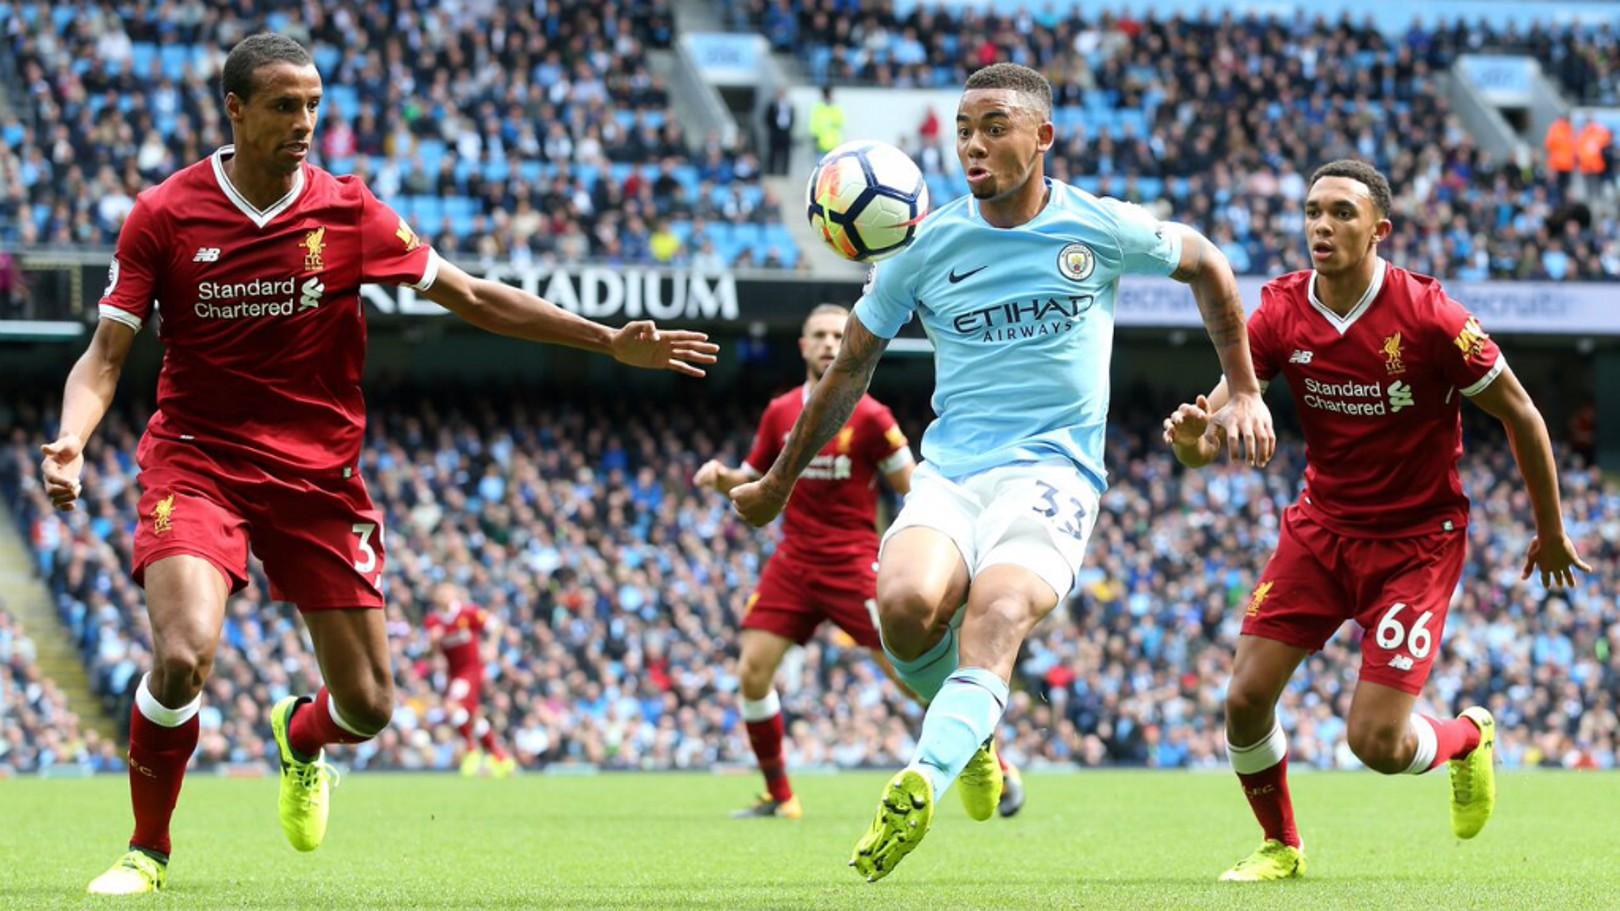 City y Liverpool ya se han enfrentado en dos ocasiones esta temporada, con cada equipo imponiéndose en una de ellas.